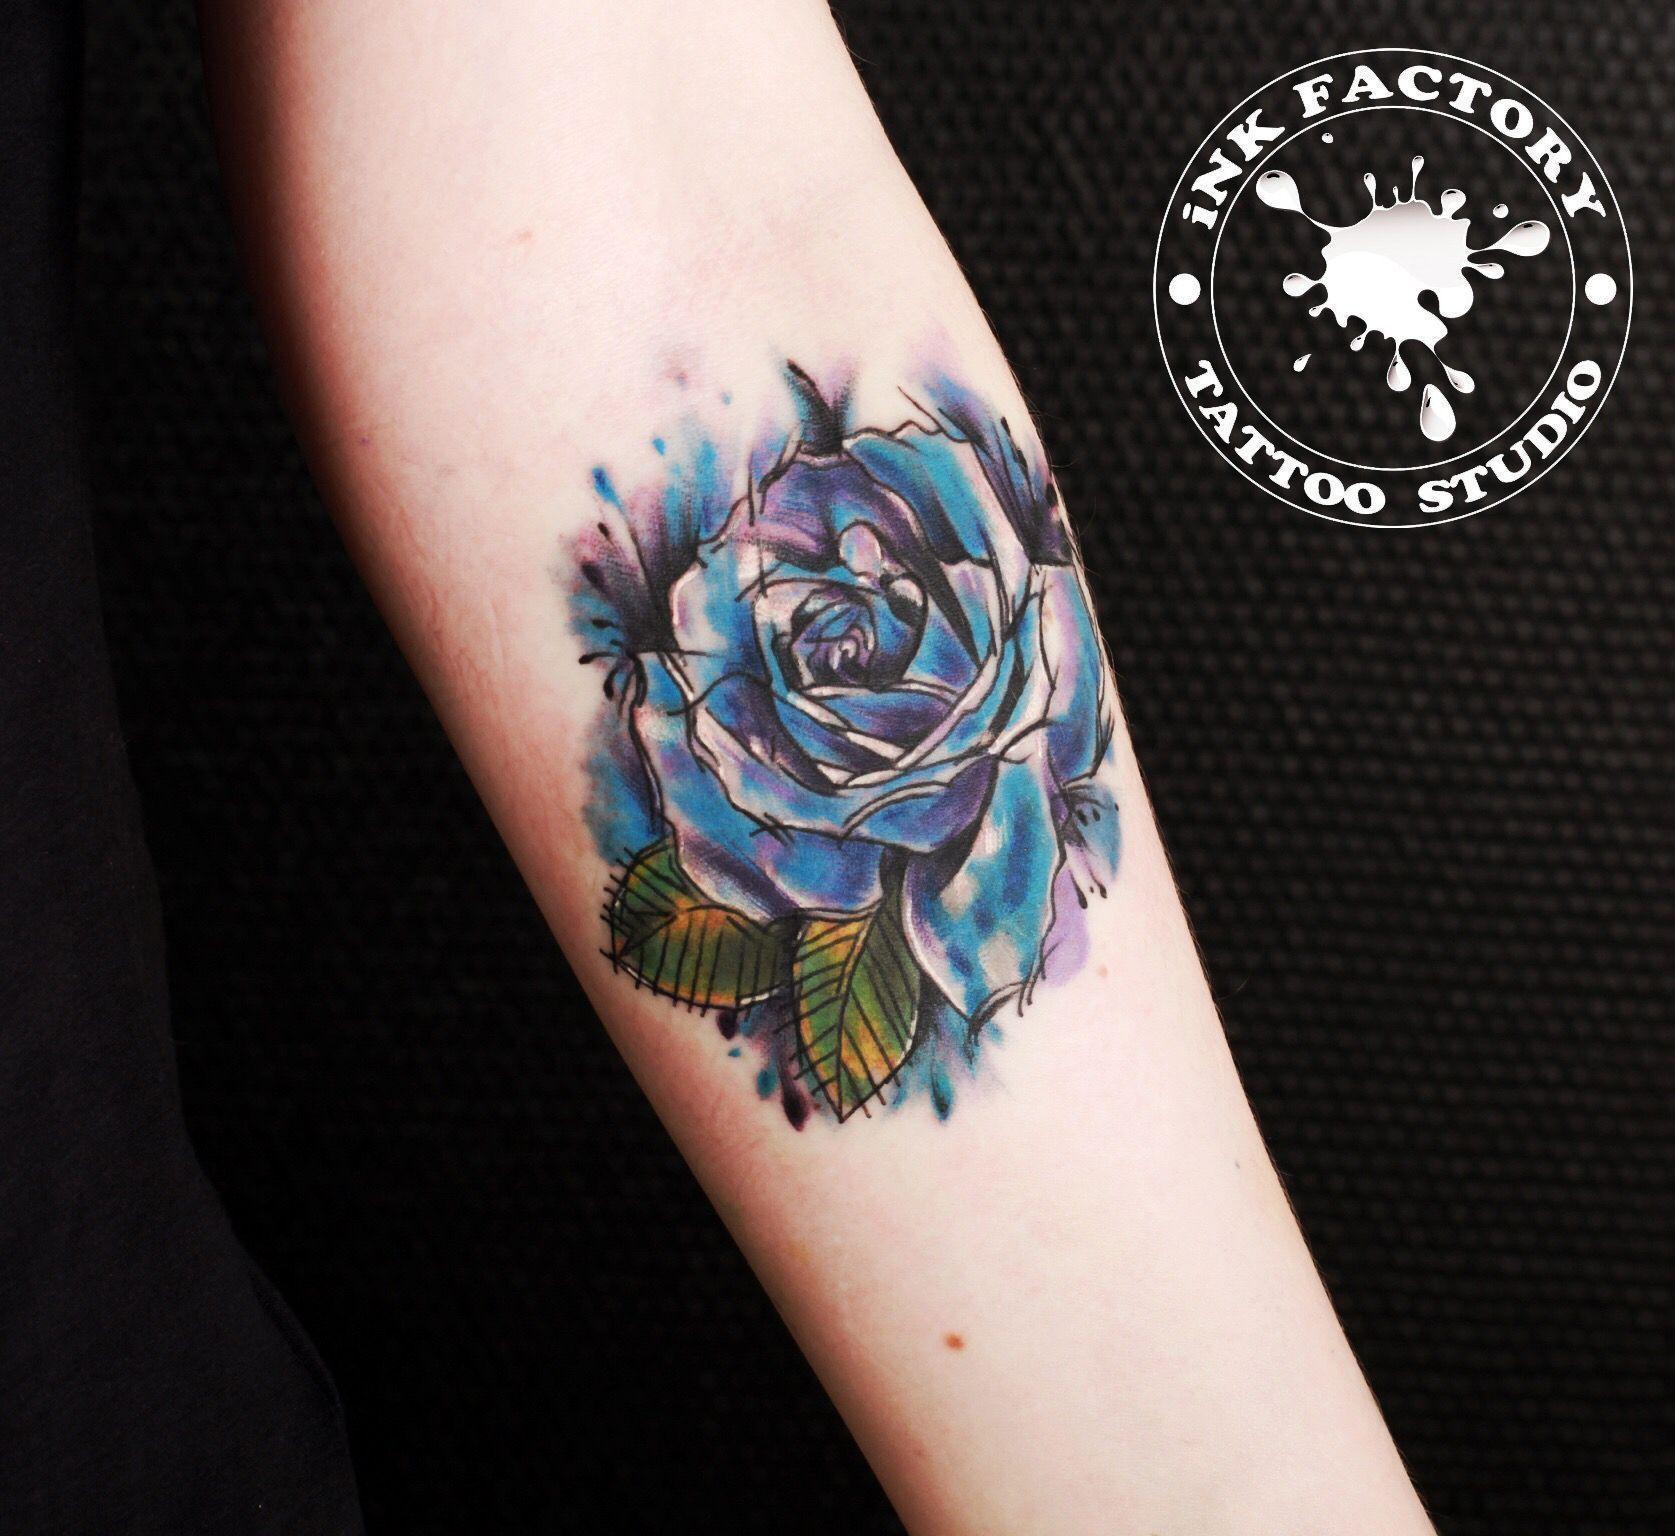 Роза - сделано в InkFactory